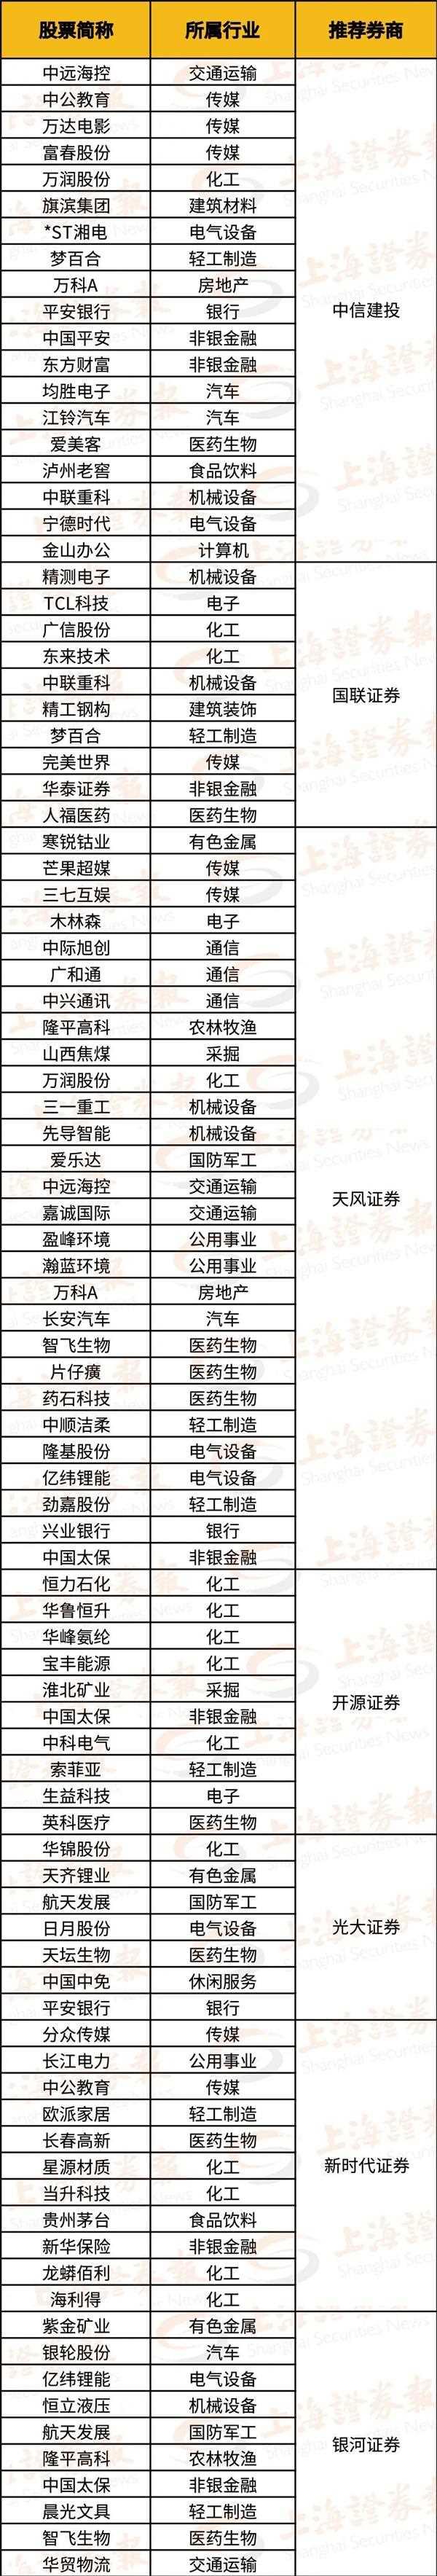 """《【迅达公司】新年第一份""""金股""""名单来了!去年最牛""""金股""""收益超500%》"""